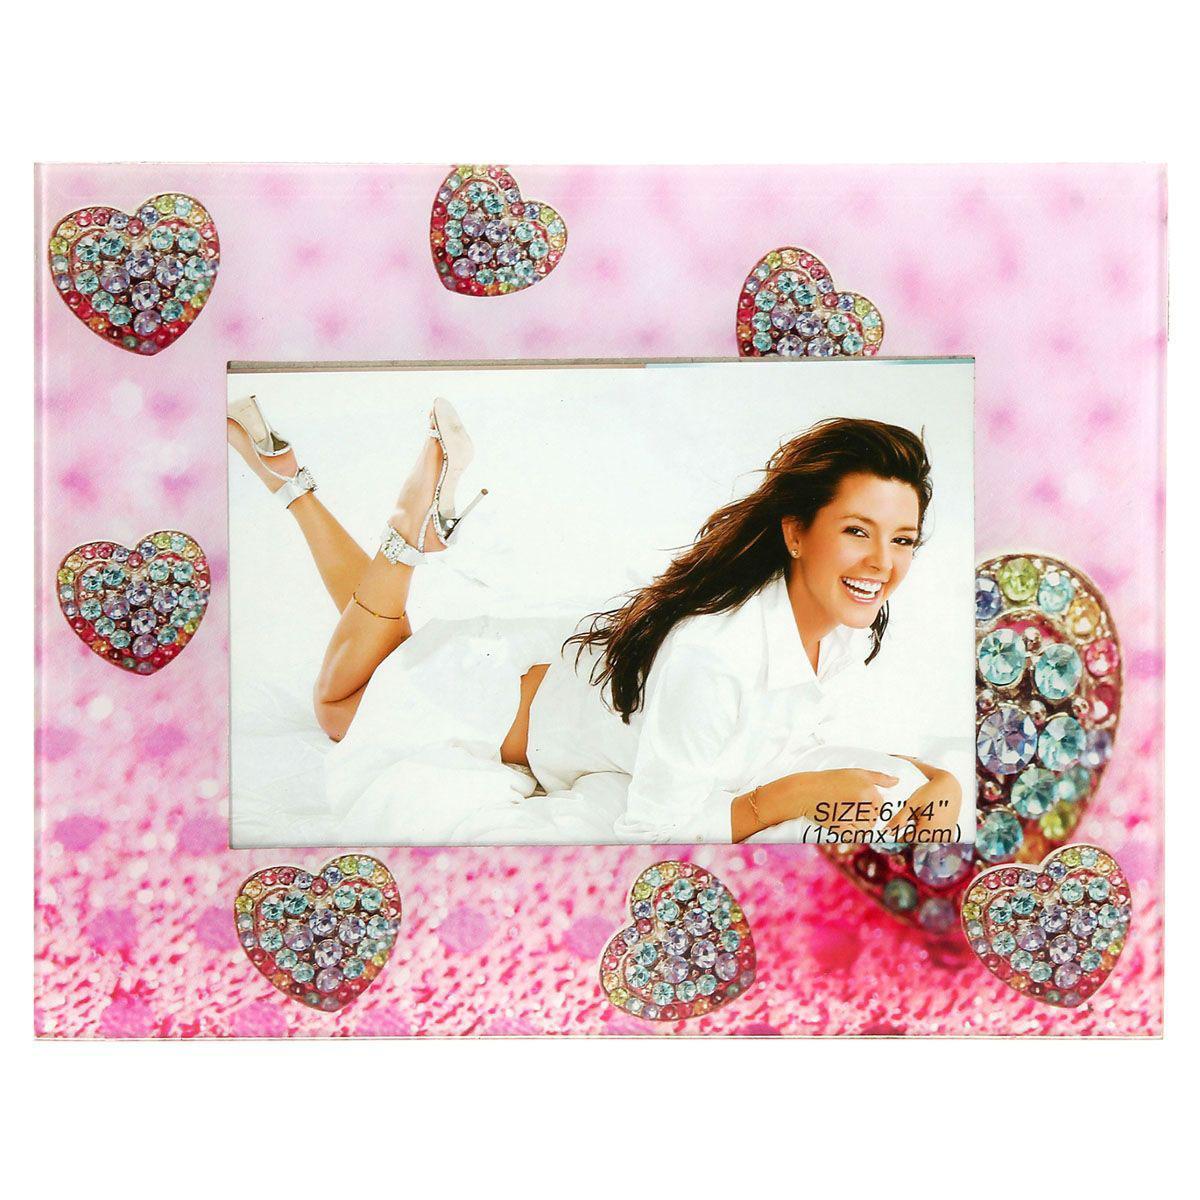 Фоторамка Sima-land Бриллиантовое сердце, цвет: розовый, 10 х 15 см843741Декоративная фоторамка Sima-land Бриллиантовое сердце выполнена из стекла и декорирована изображениями сердечек. Обратная сторона рамки оснащена специальной ножкой, благодаря которой ее можно поставить на стол или любое другое место в доме или офисе. Такая фоторамка украсит ваш интерьер оригинальным образом, а также позволит сохранить память о дорогих вам людях и интересных событиях вашей жизни. С ней вы сможете не просто внести в интерьер своего дома элемент оригинальности, но и создать атмосферу загадочности и изысканности.